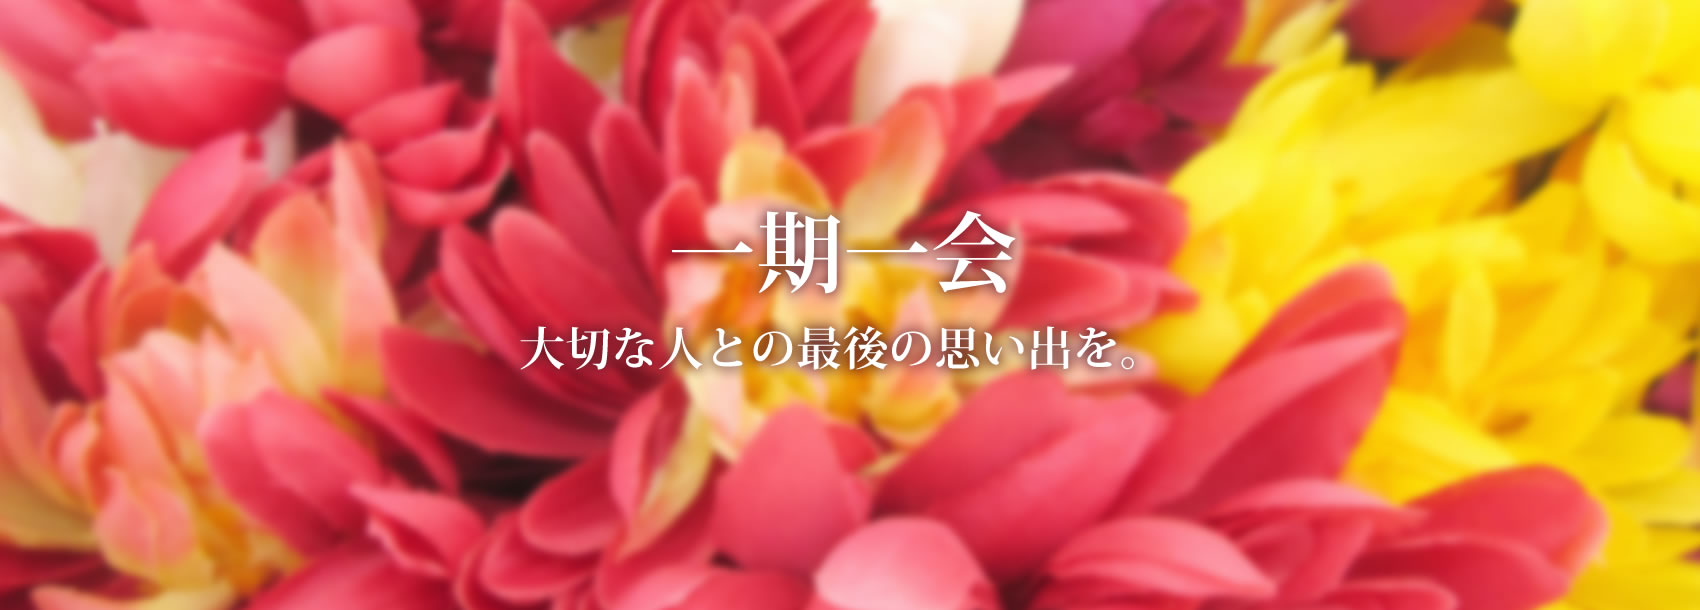 シンプルなお葬式から大型葬まで京都の伸和社へお任せください。伸和社の小さなお葬式は12万円から